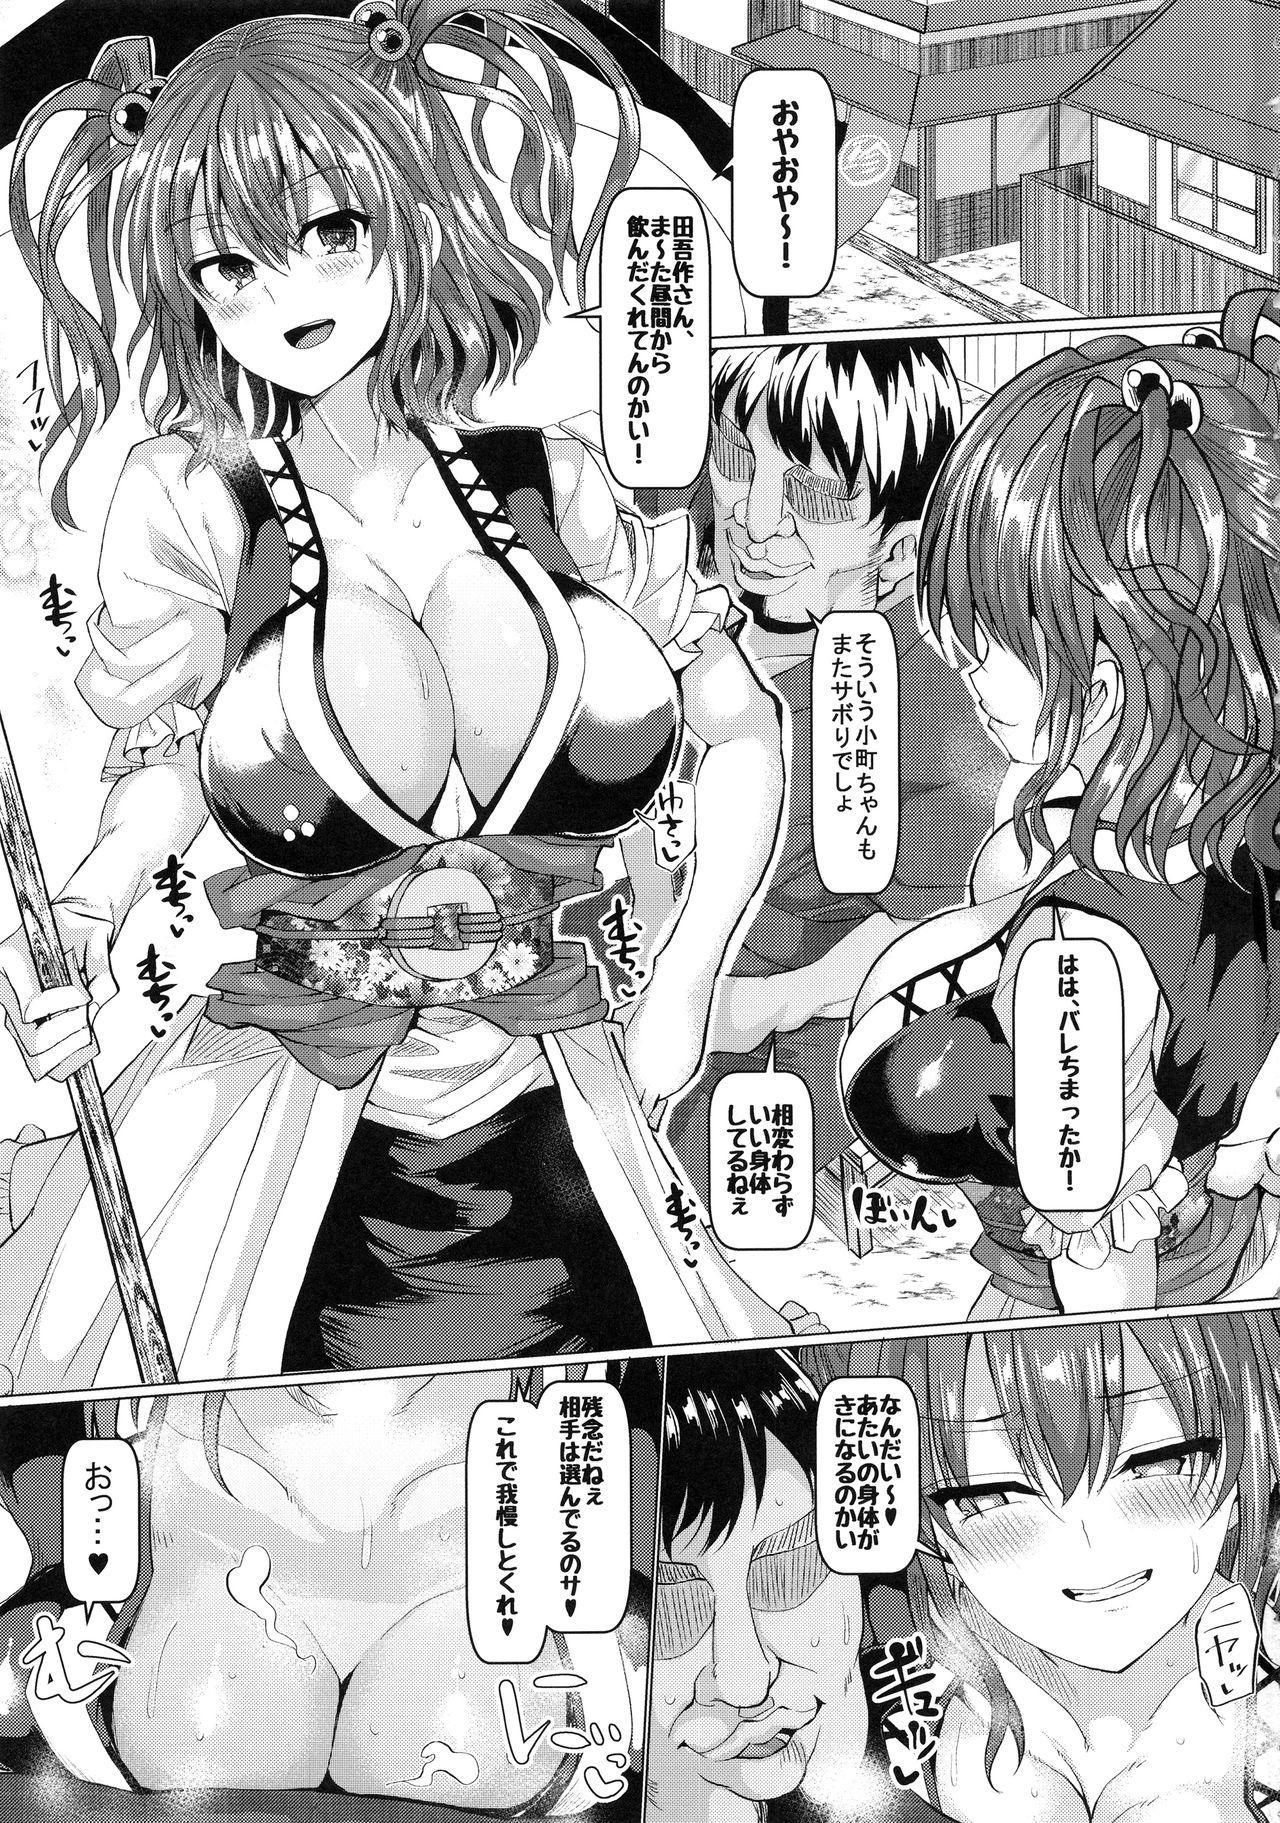 Saimin de Shinigami no Maso Mesu o Abake!! 2